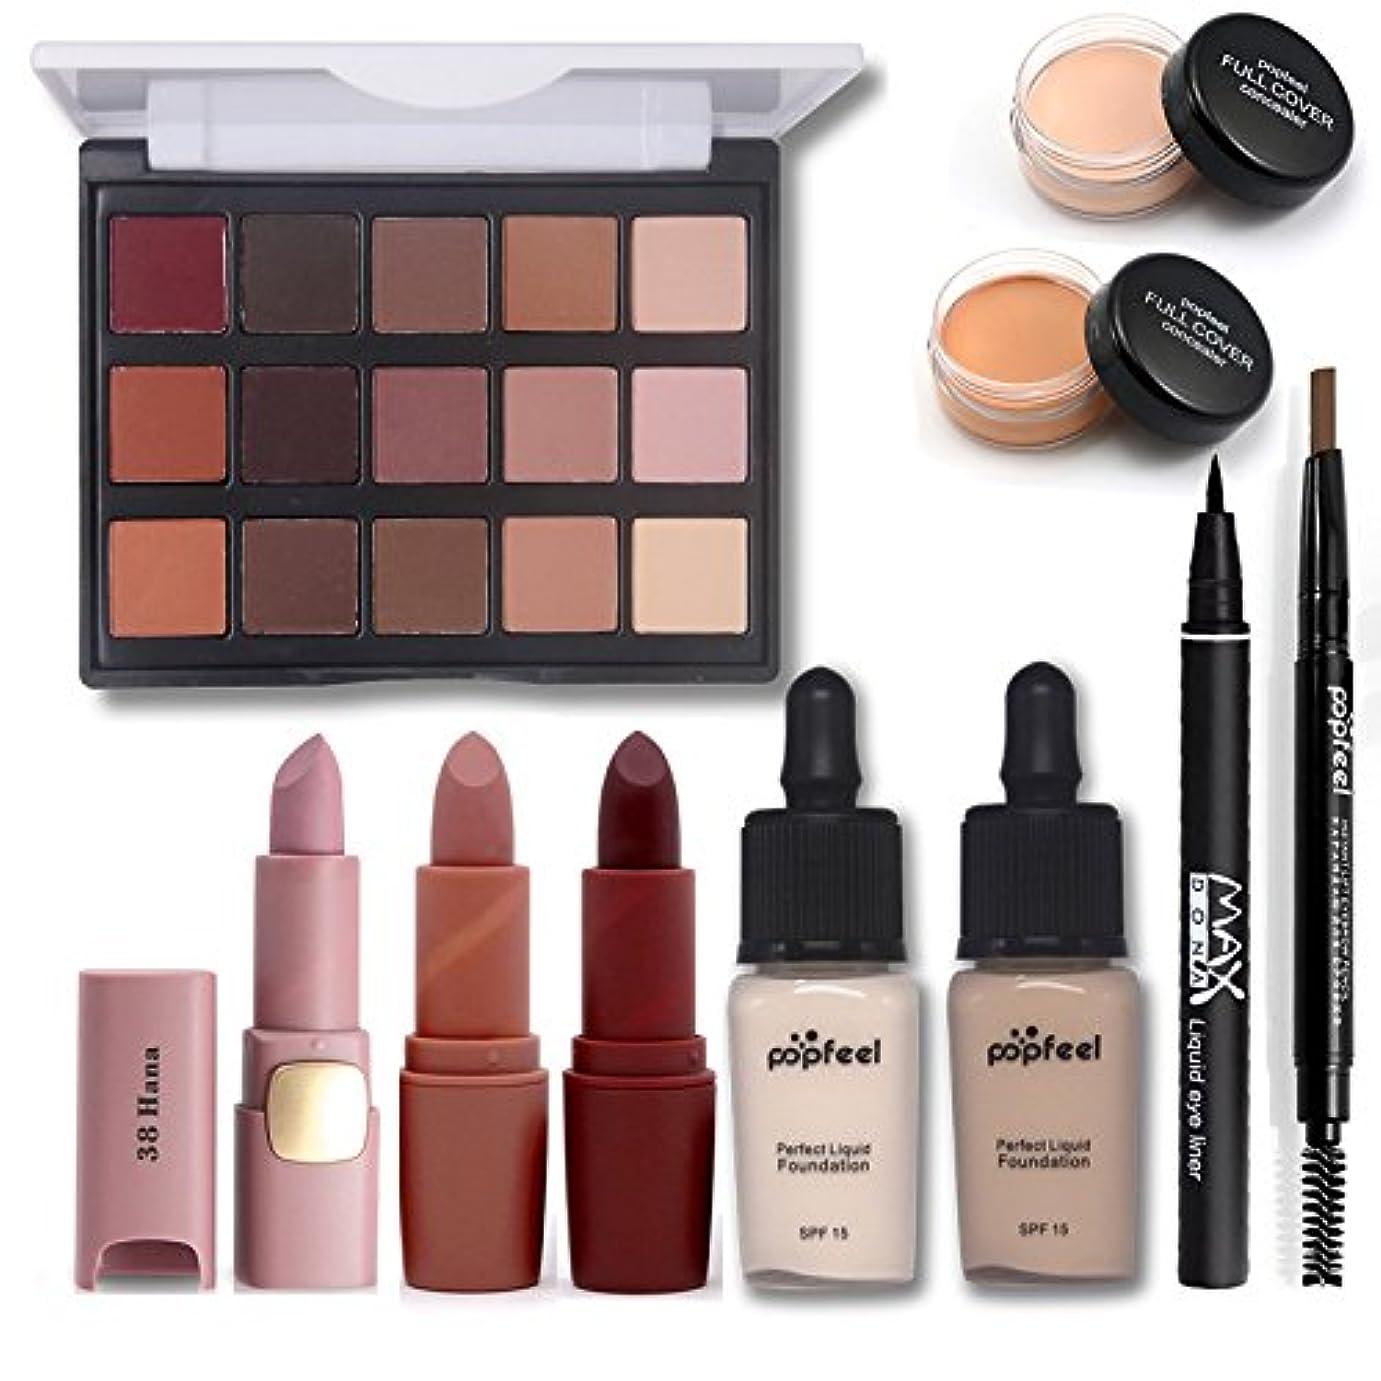 処分したエンディング廃止するMakup Tool Kit Including Matte Eyeshadow Lipstick Foundation Concealer Eyebrow Pencil Eyeliner Makeup Set Cosmetic...